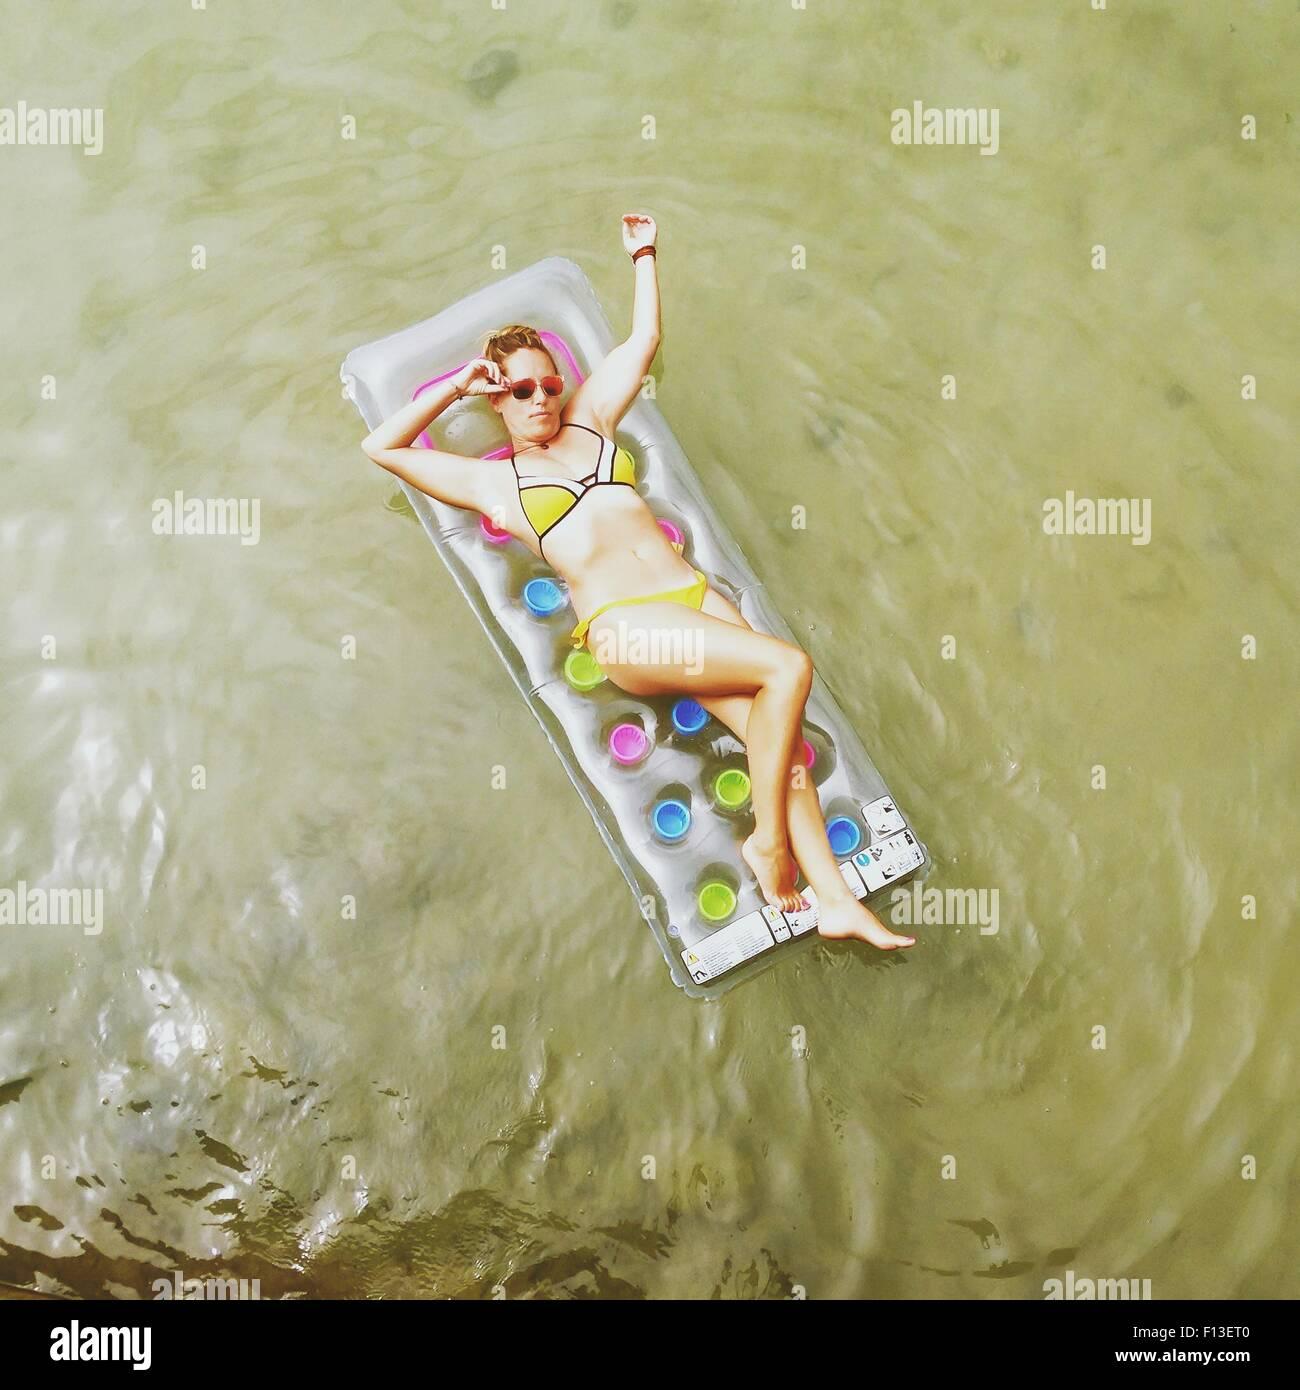 Vista aerea di una donna sdraiata su un materasso gonfiabile in mare Immagini Stock